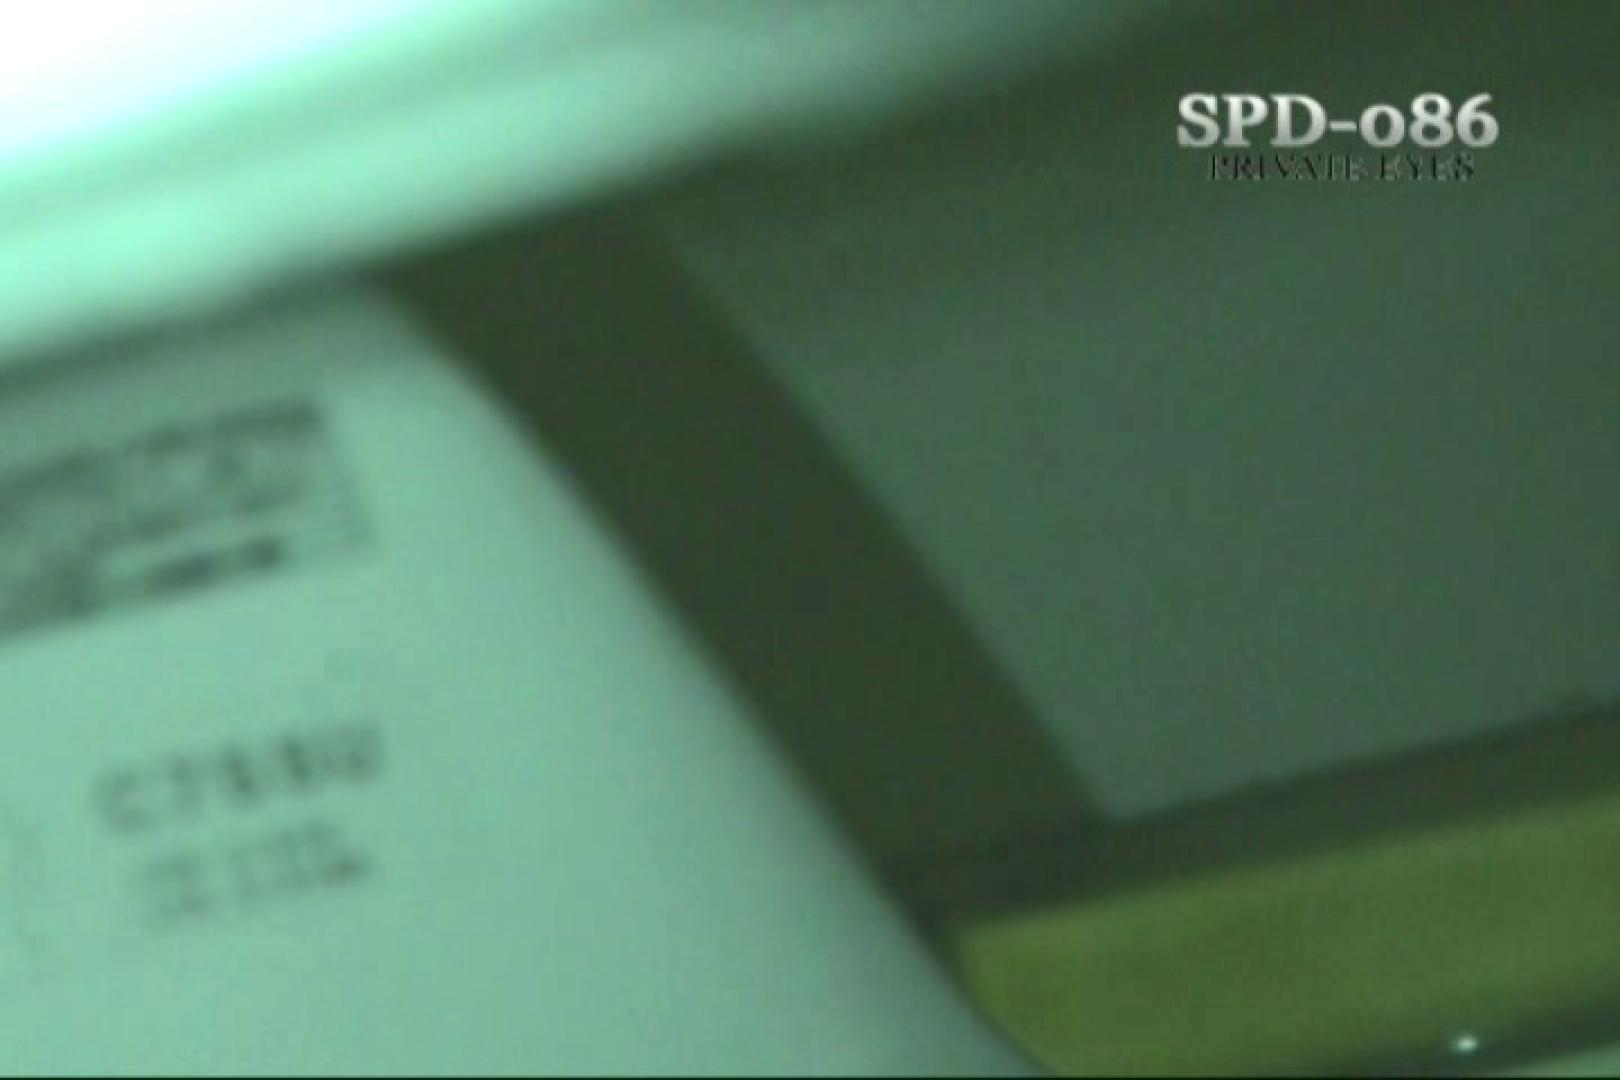 高画質版!SPD-086 盗撮・厠の隙間 3 ~厠盗撮に革命前代未分の映像~ 名作映像 濡れ場動画紹介 97PIX 14